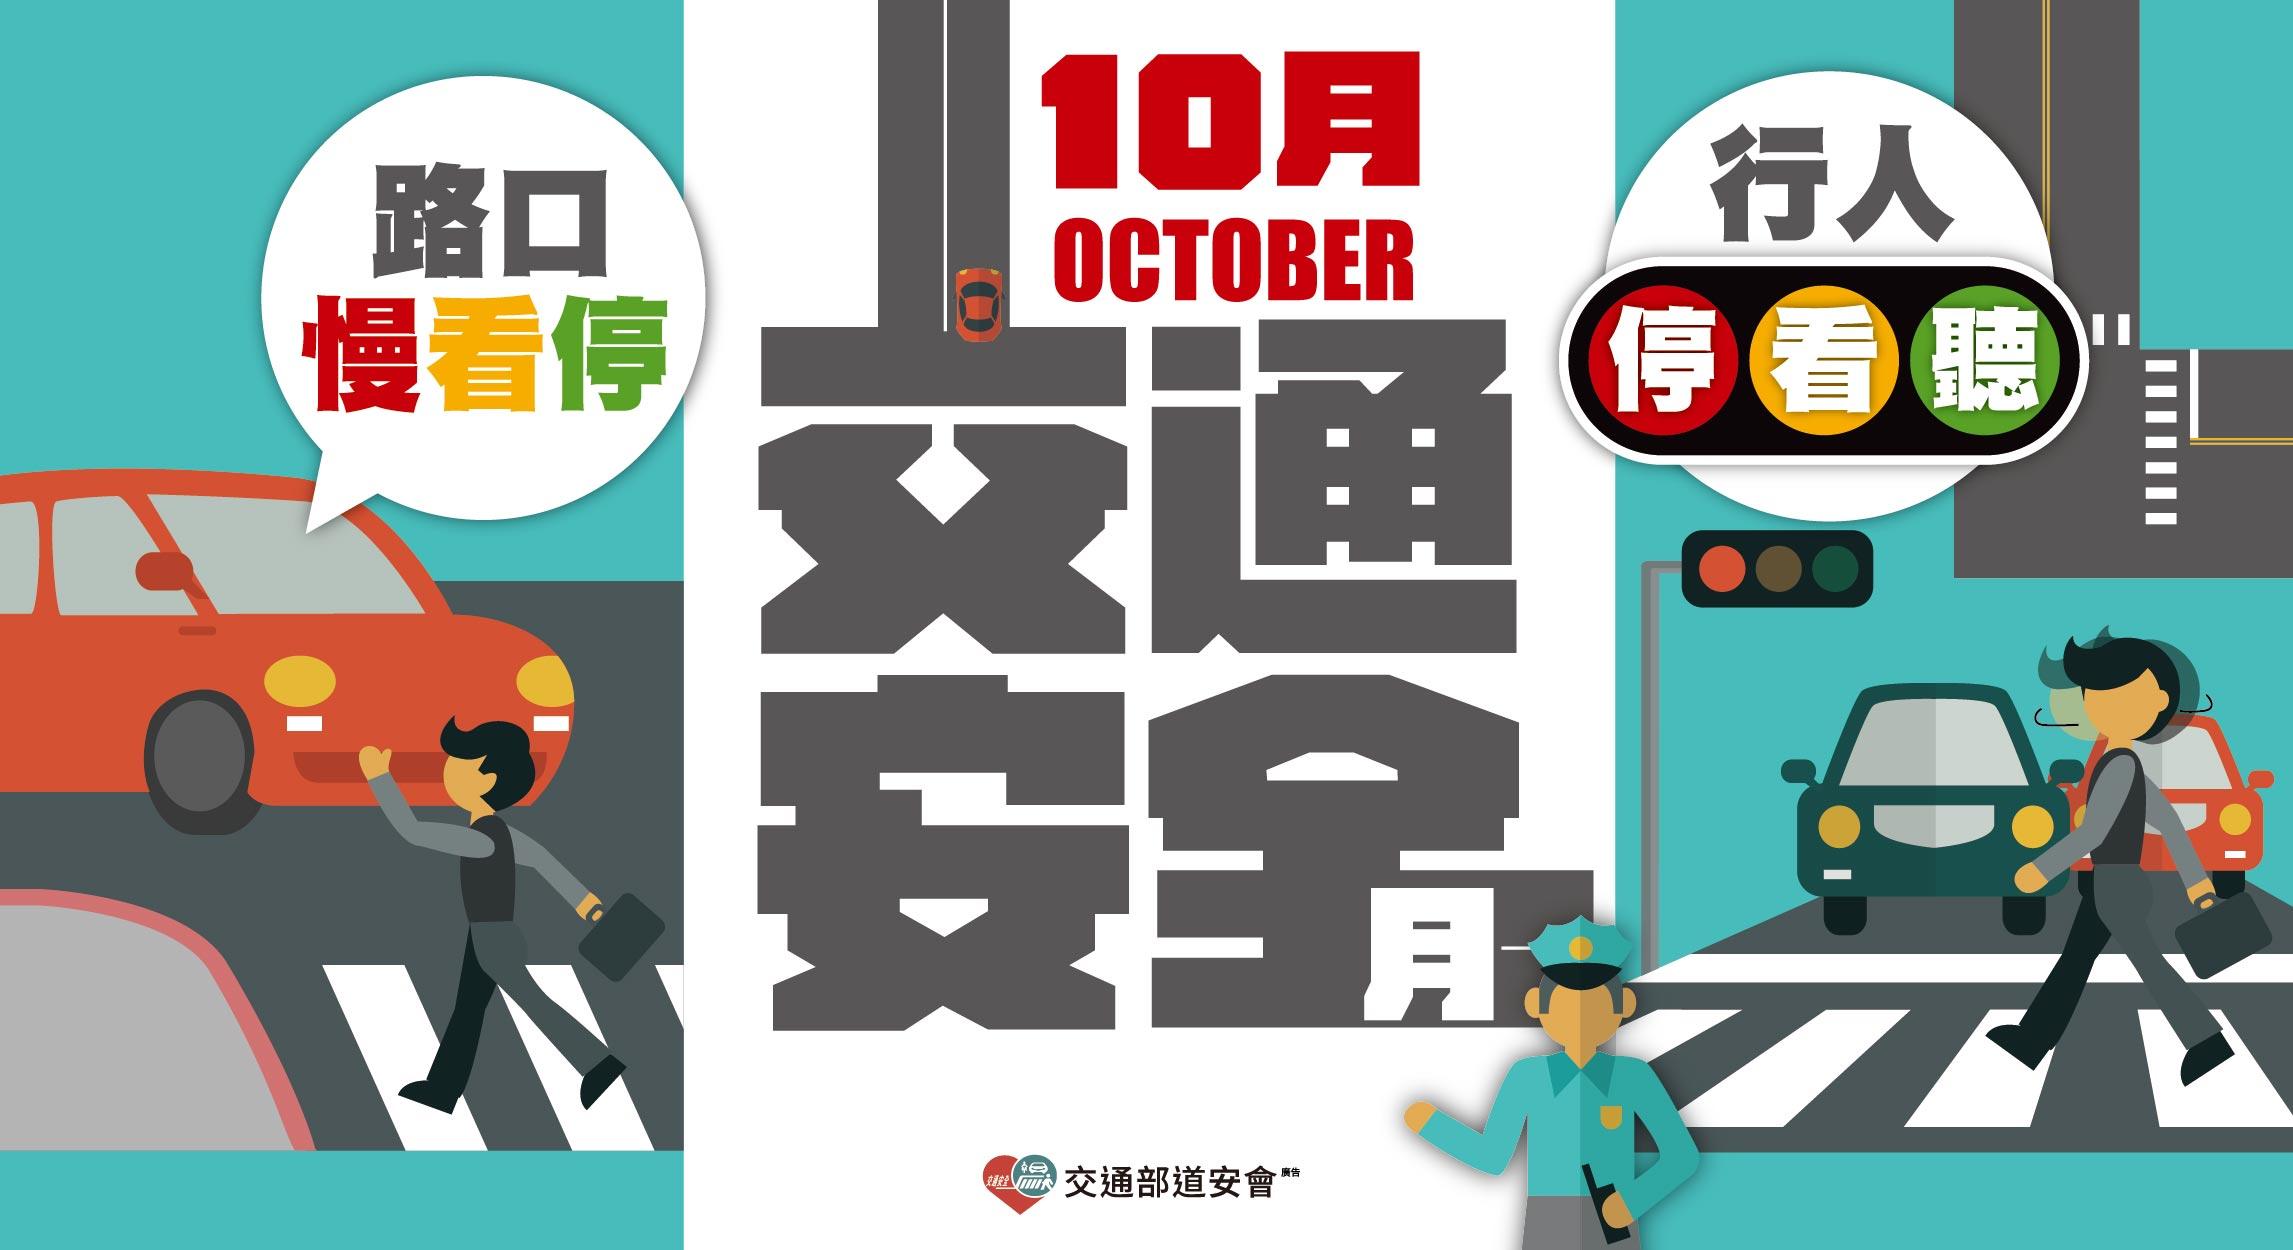 交通部10月份「交通安全月」活動宣導